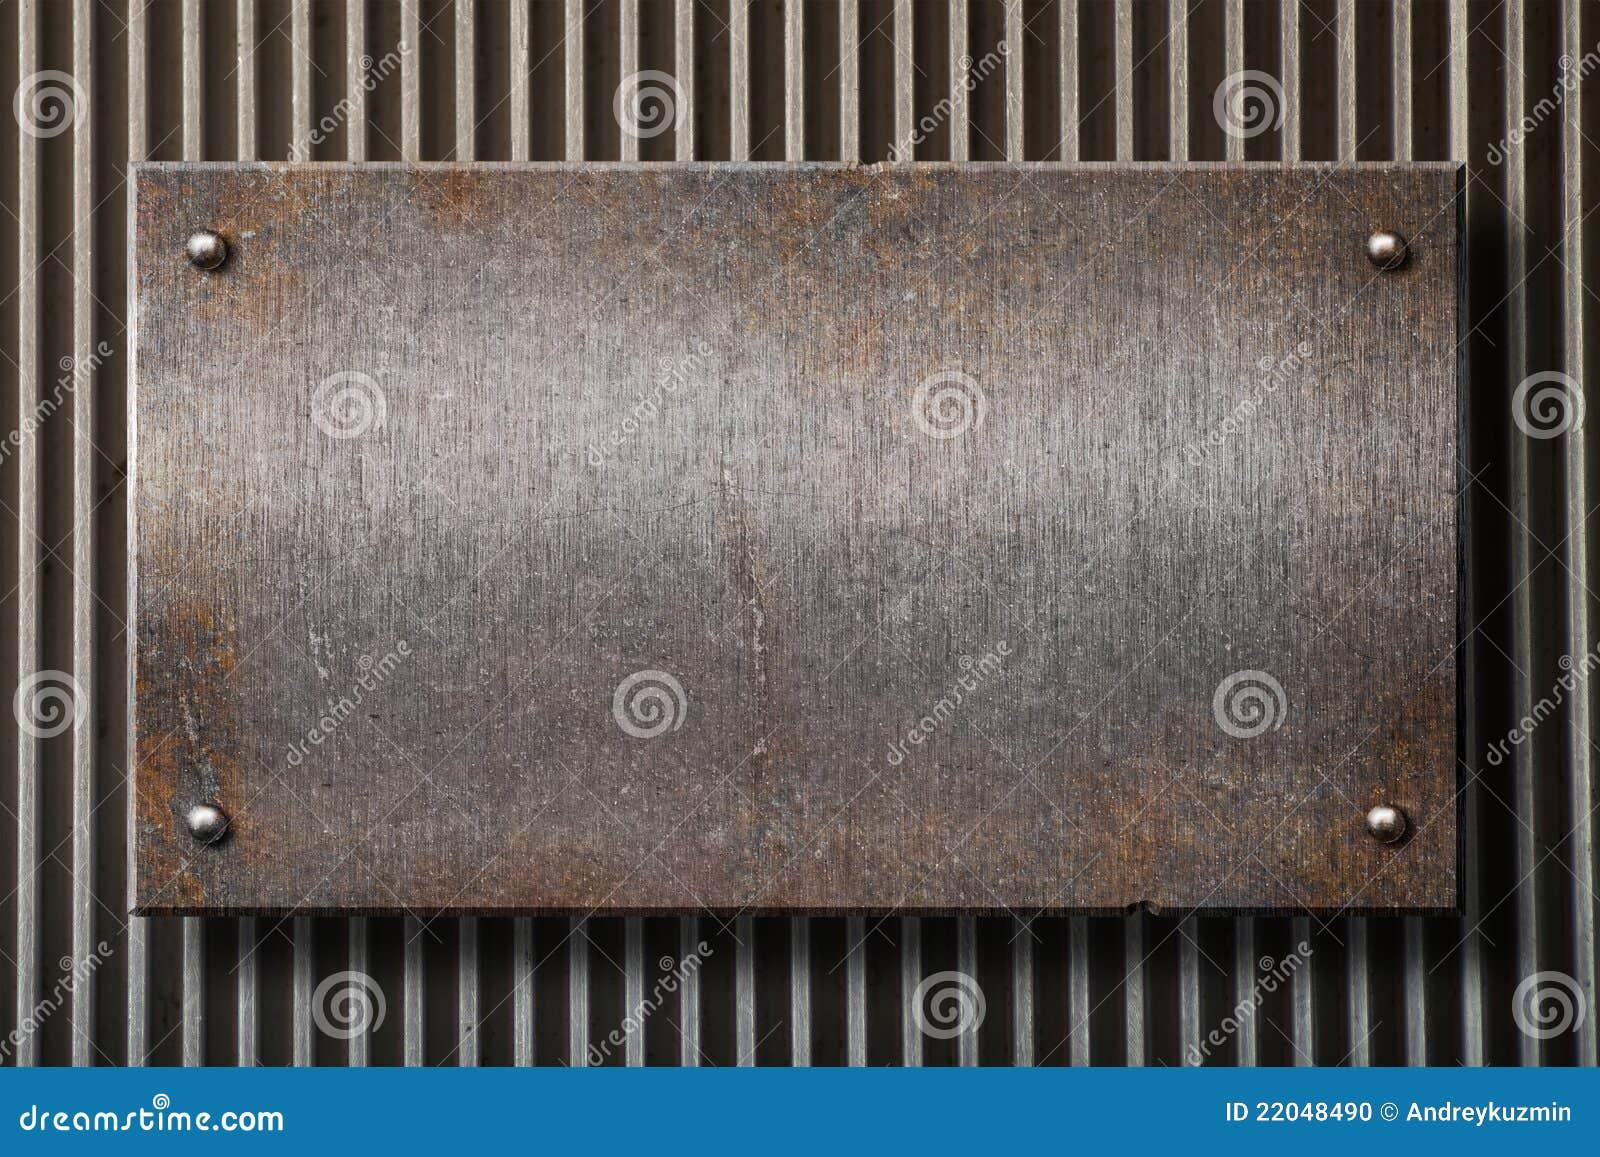 Di piastra metallica arrugginito di Grunge sopra la priorità bassa di griglia